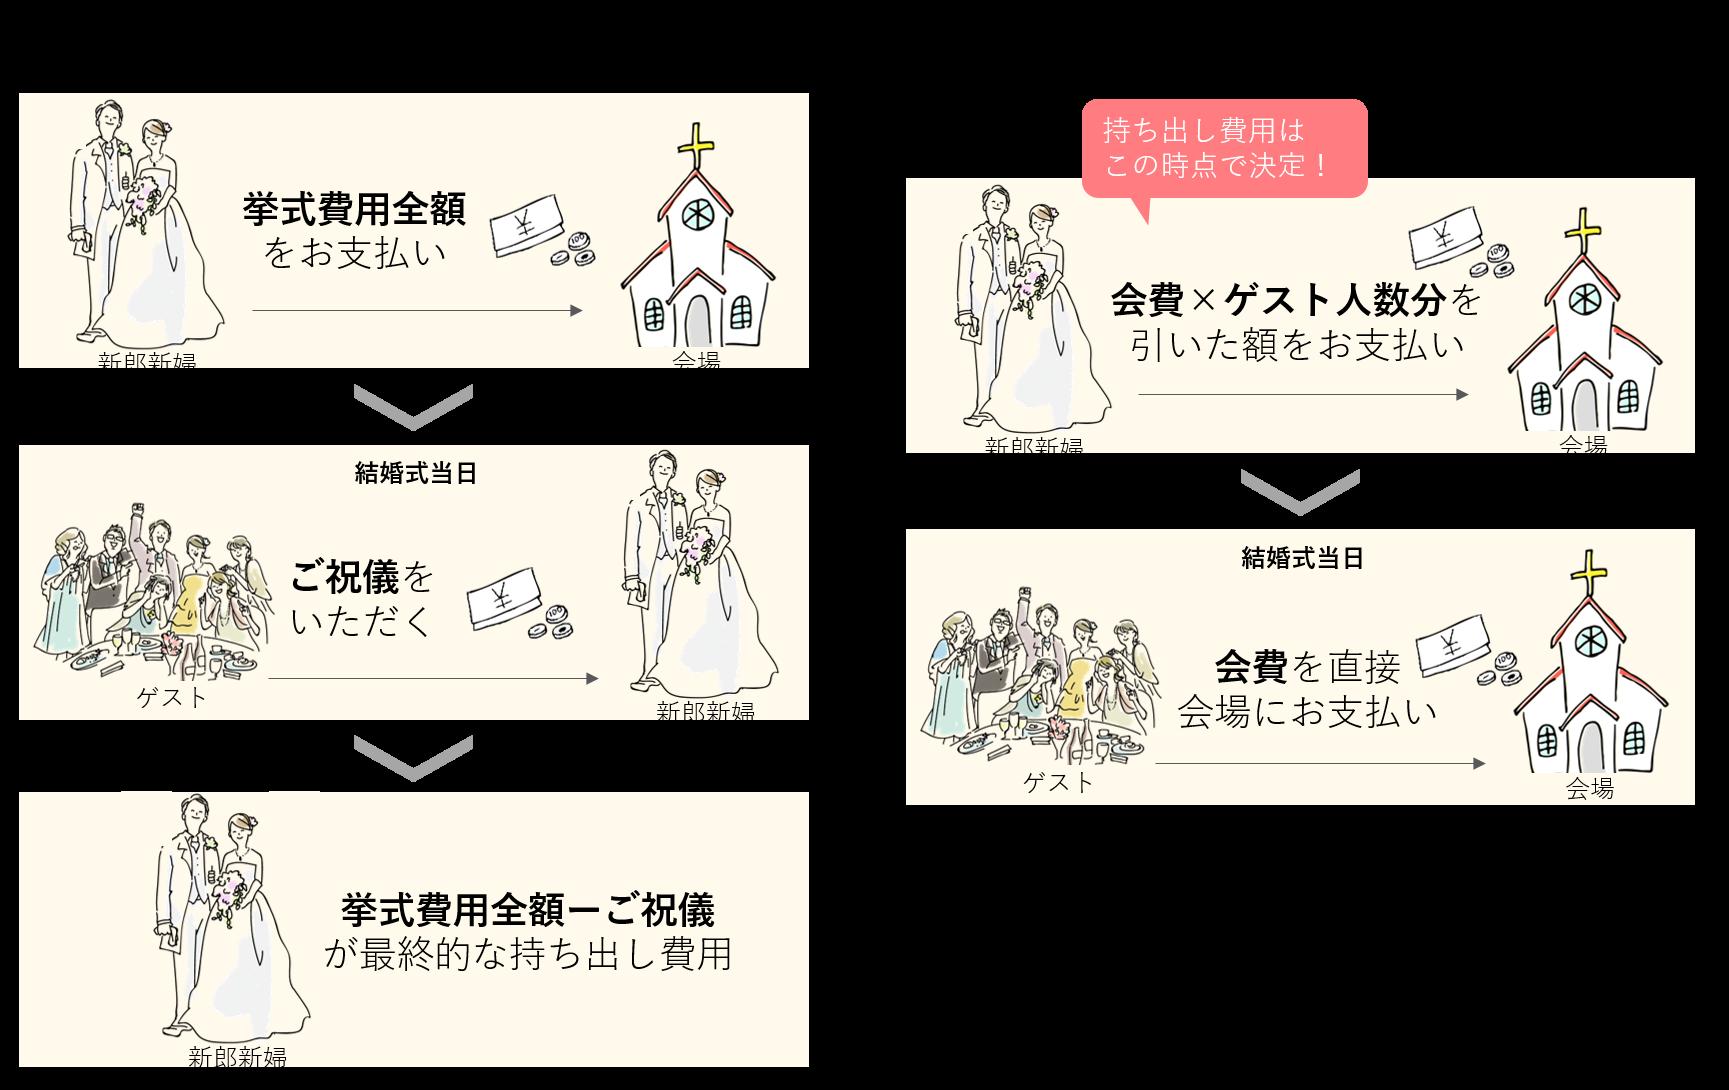 北海道で主流の会費制結婚式とは